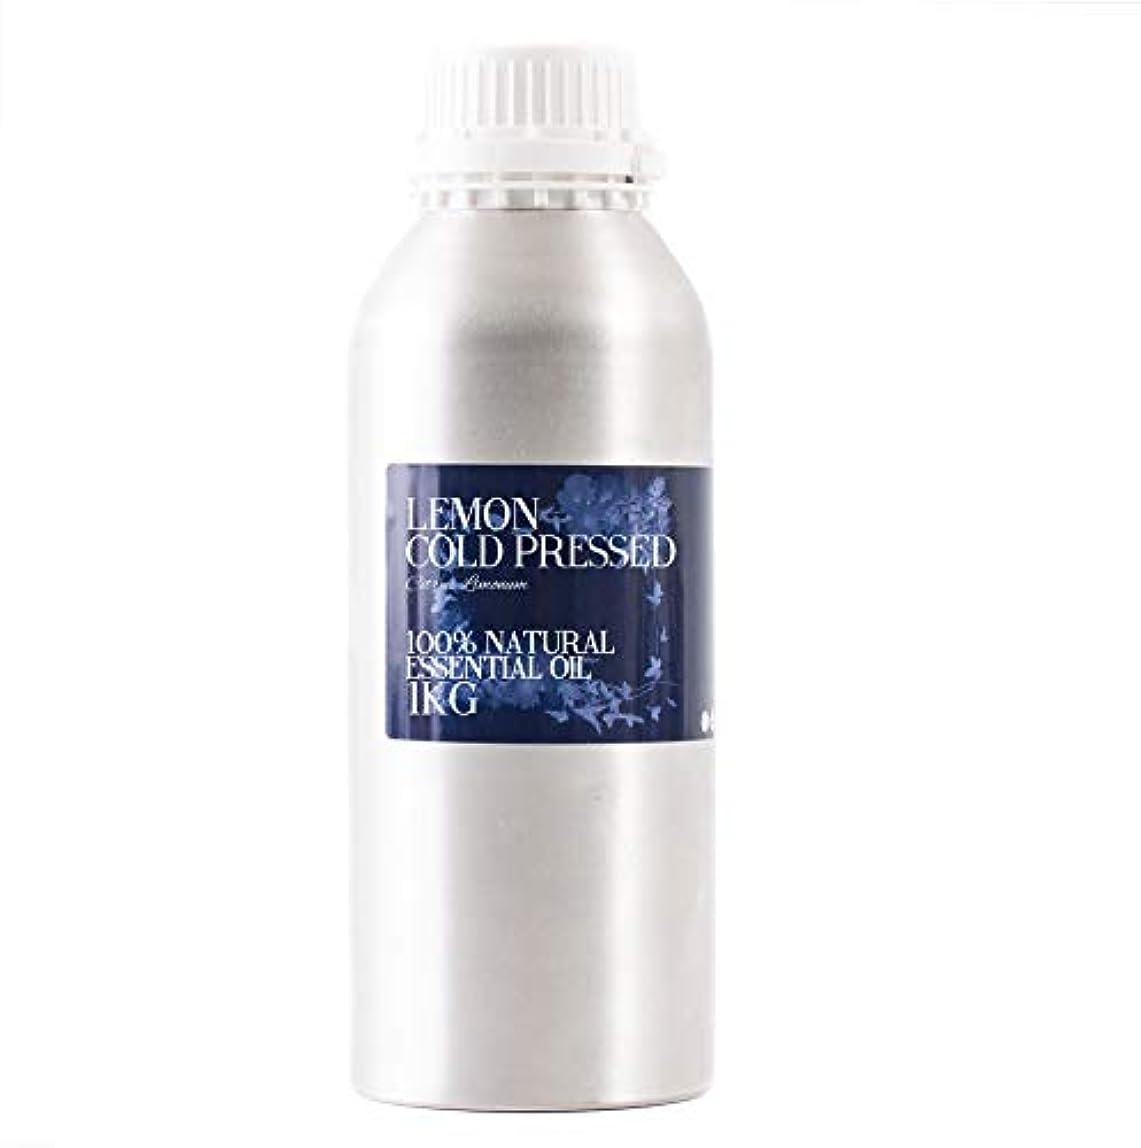 箱パイント私たち自身Mystic Moments   Lemon Cold Pressed Essential Oil - 1Kg - 100% Natural